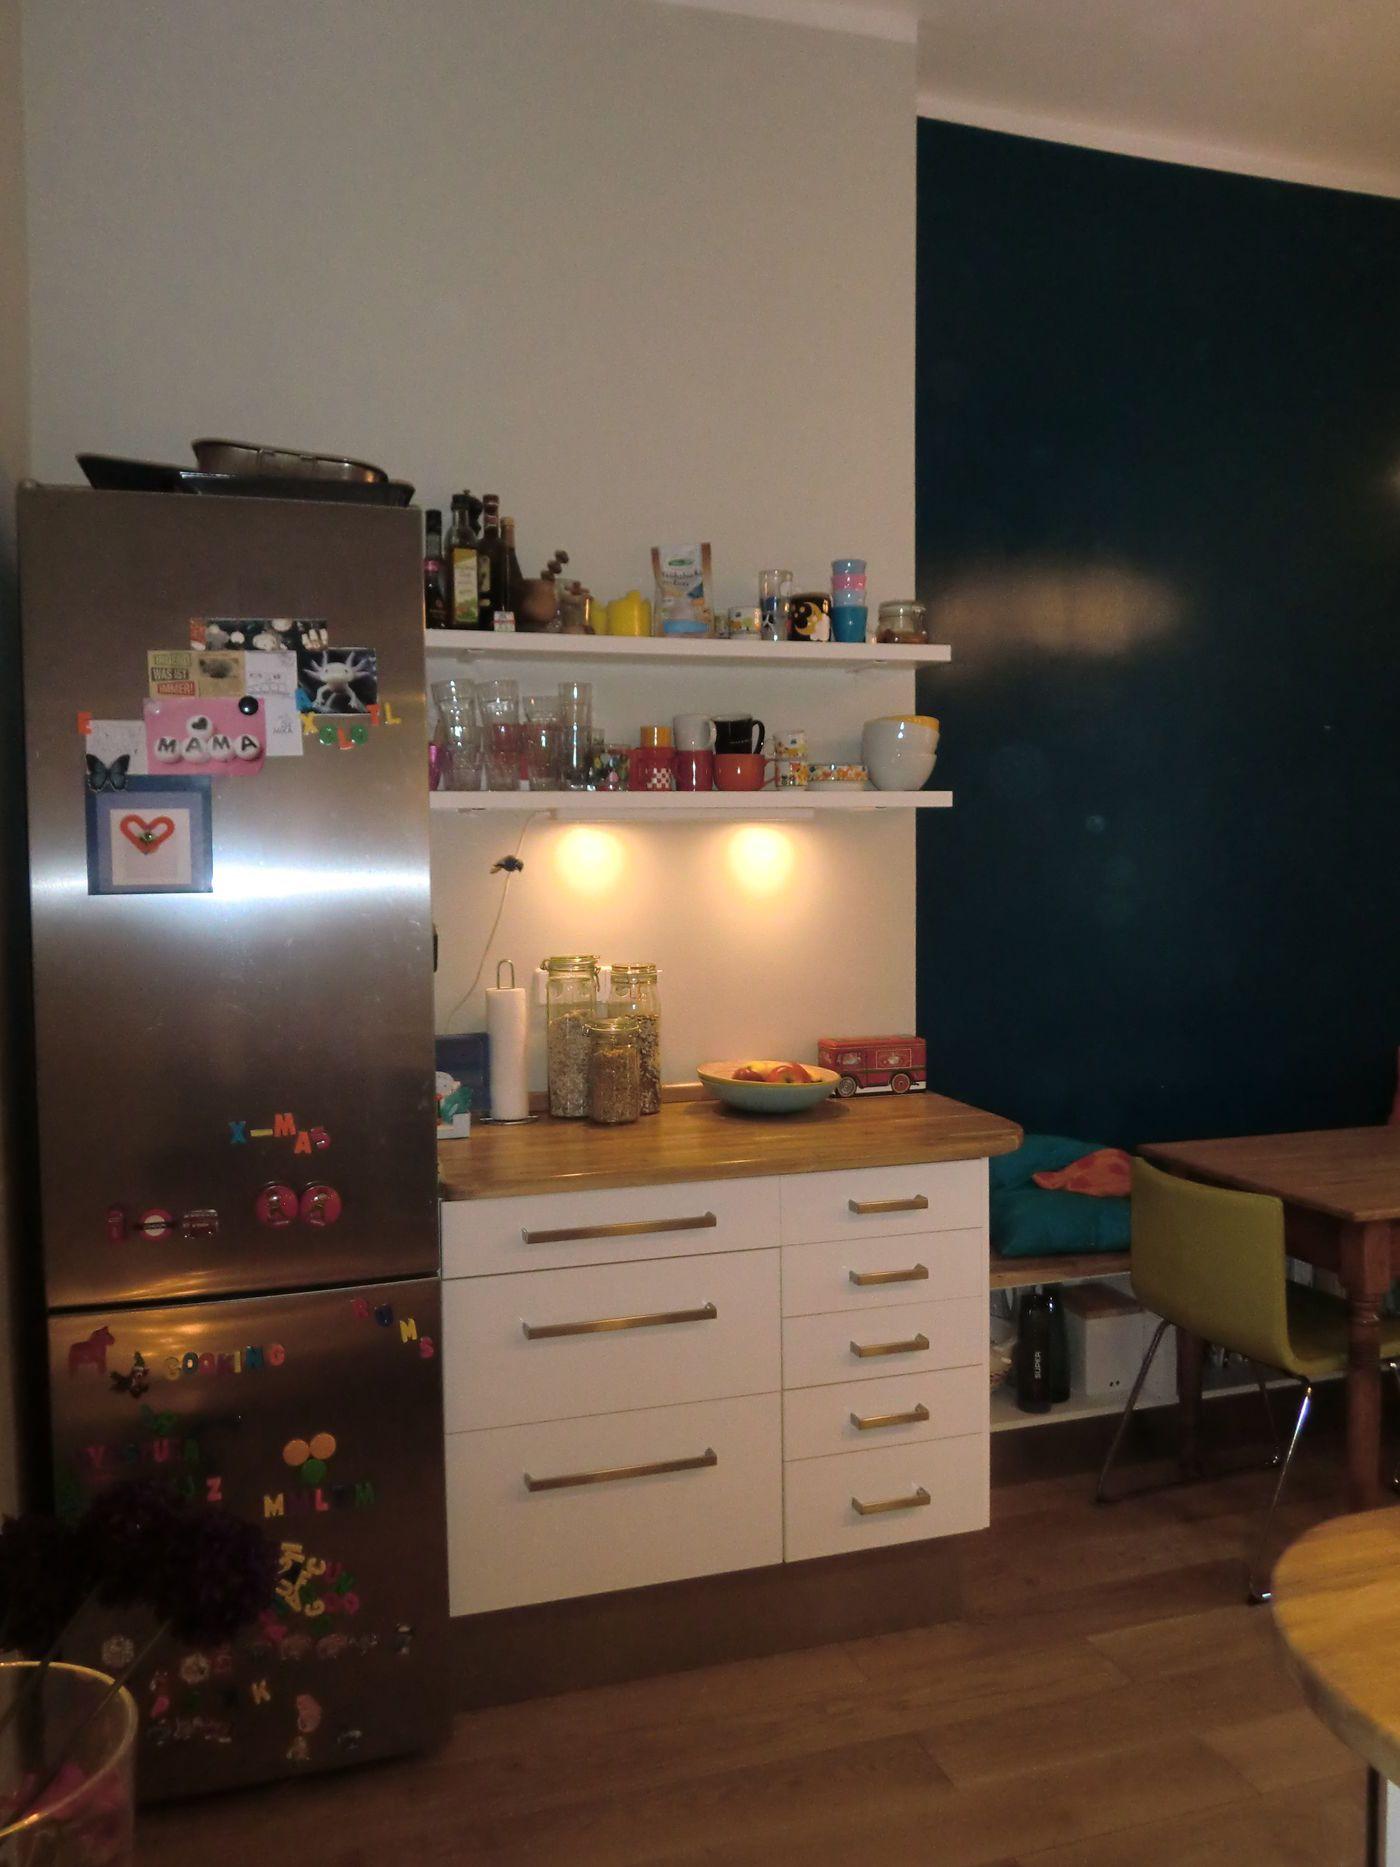 Erfreut Kosten Kleine Wohnung Küche Zu Renovieren Fotos - Ideen Für ...